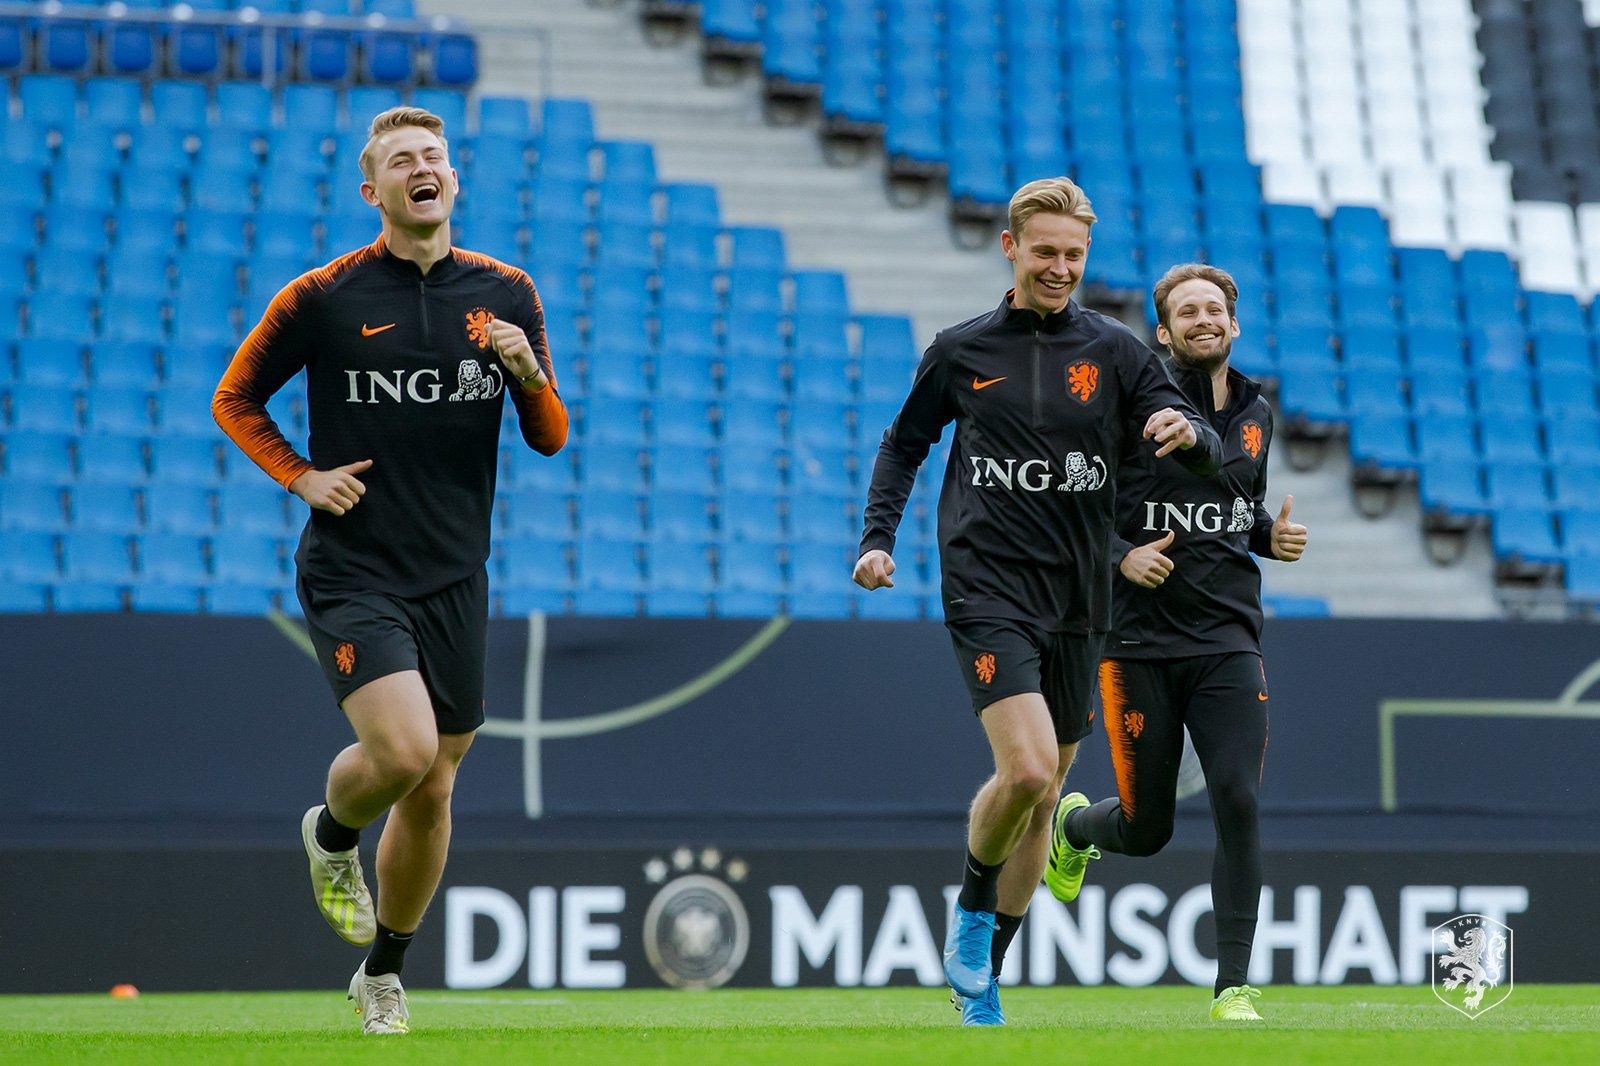 Германия - Нидерланды. Анонс и прогноз на матч квалификации Евро-2020 - изображение 2